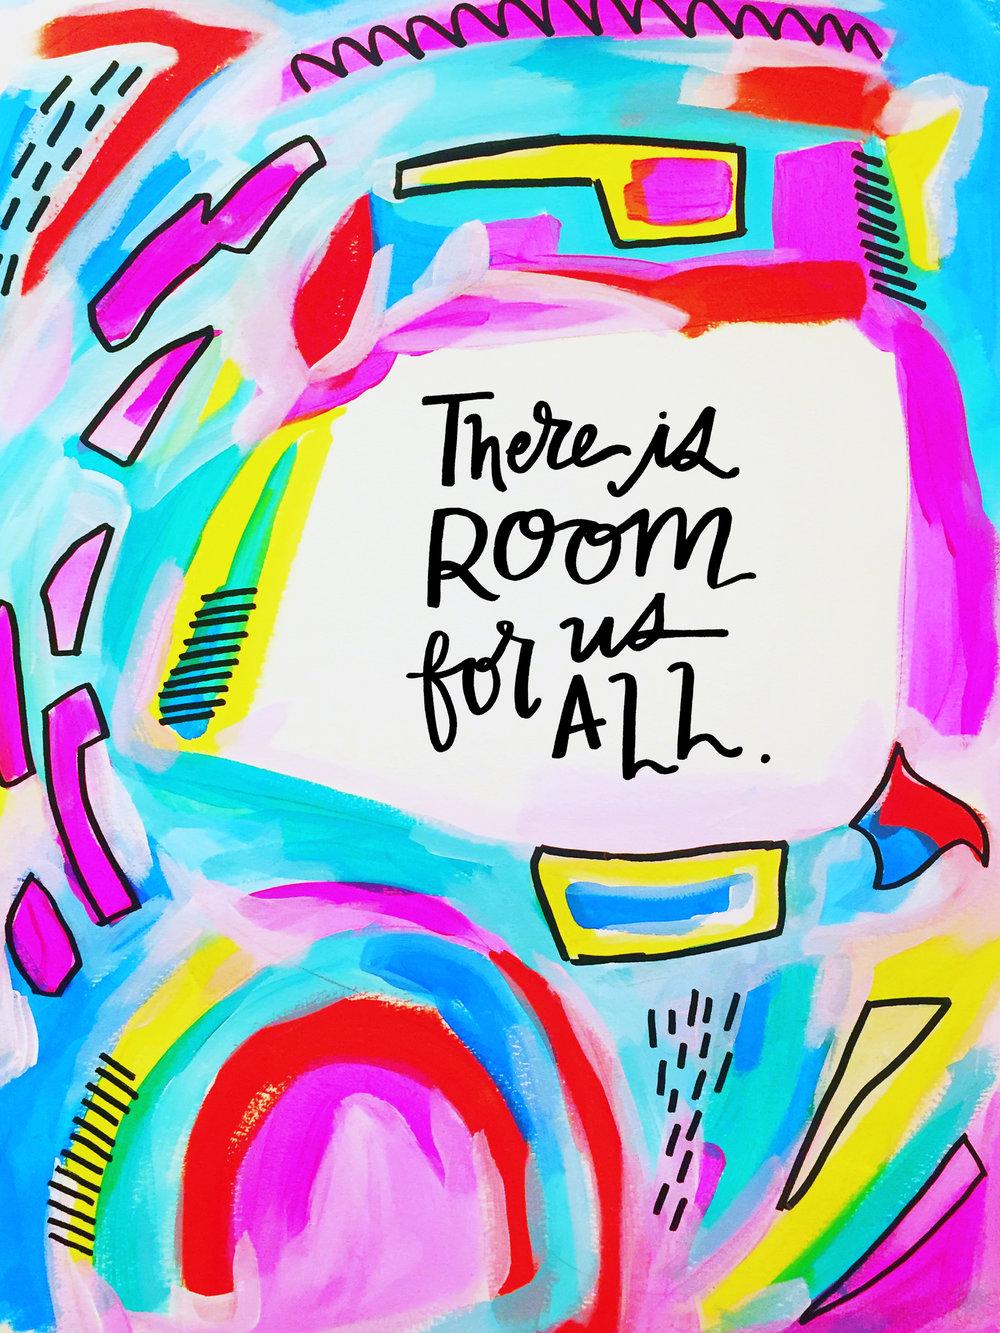 2/4/16: Room